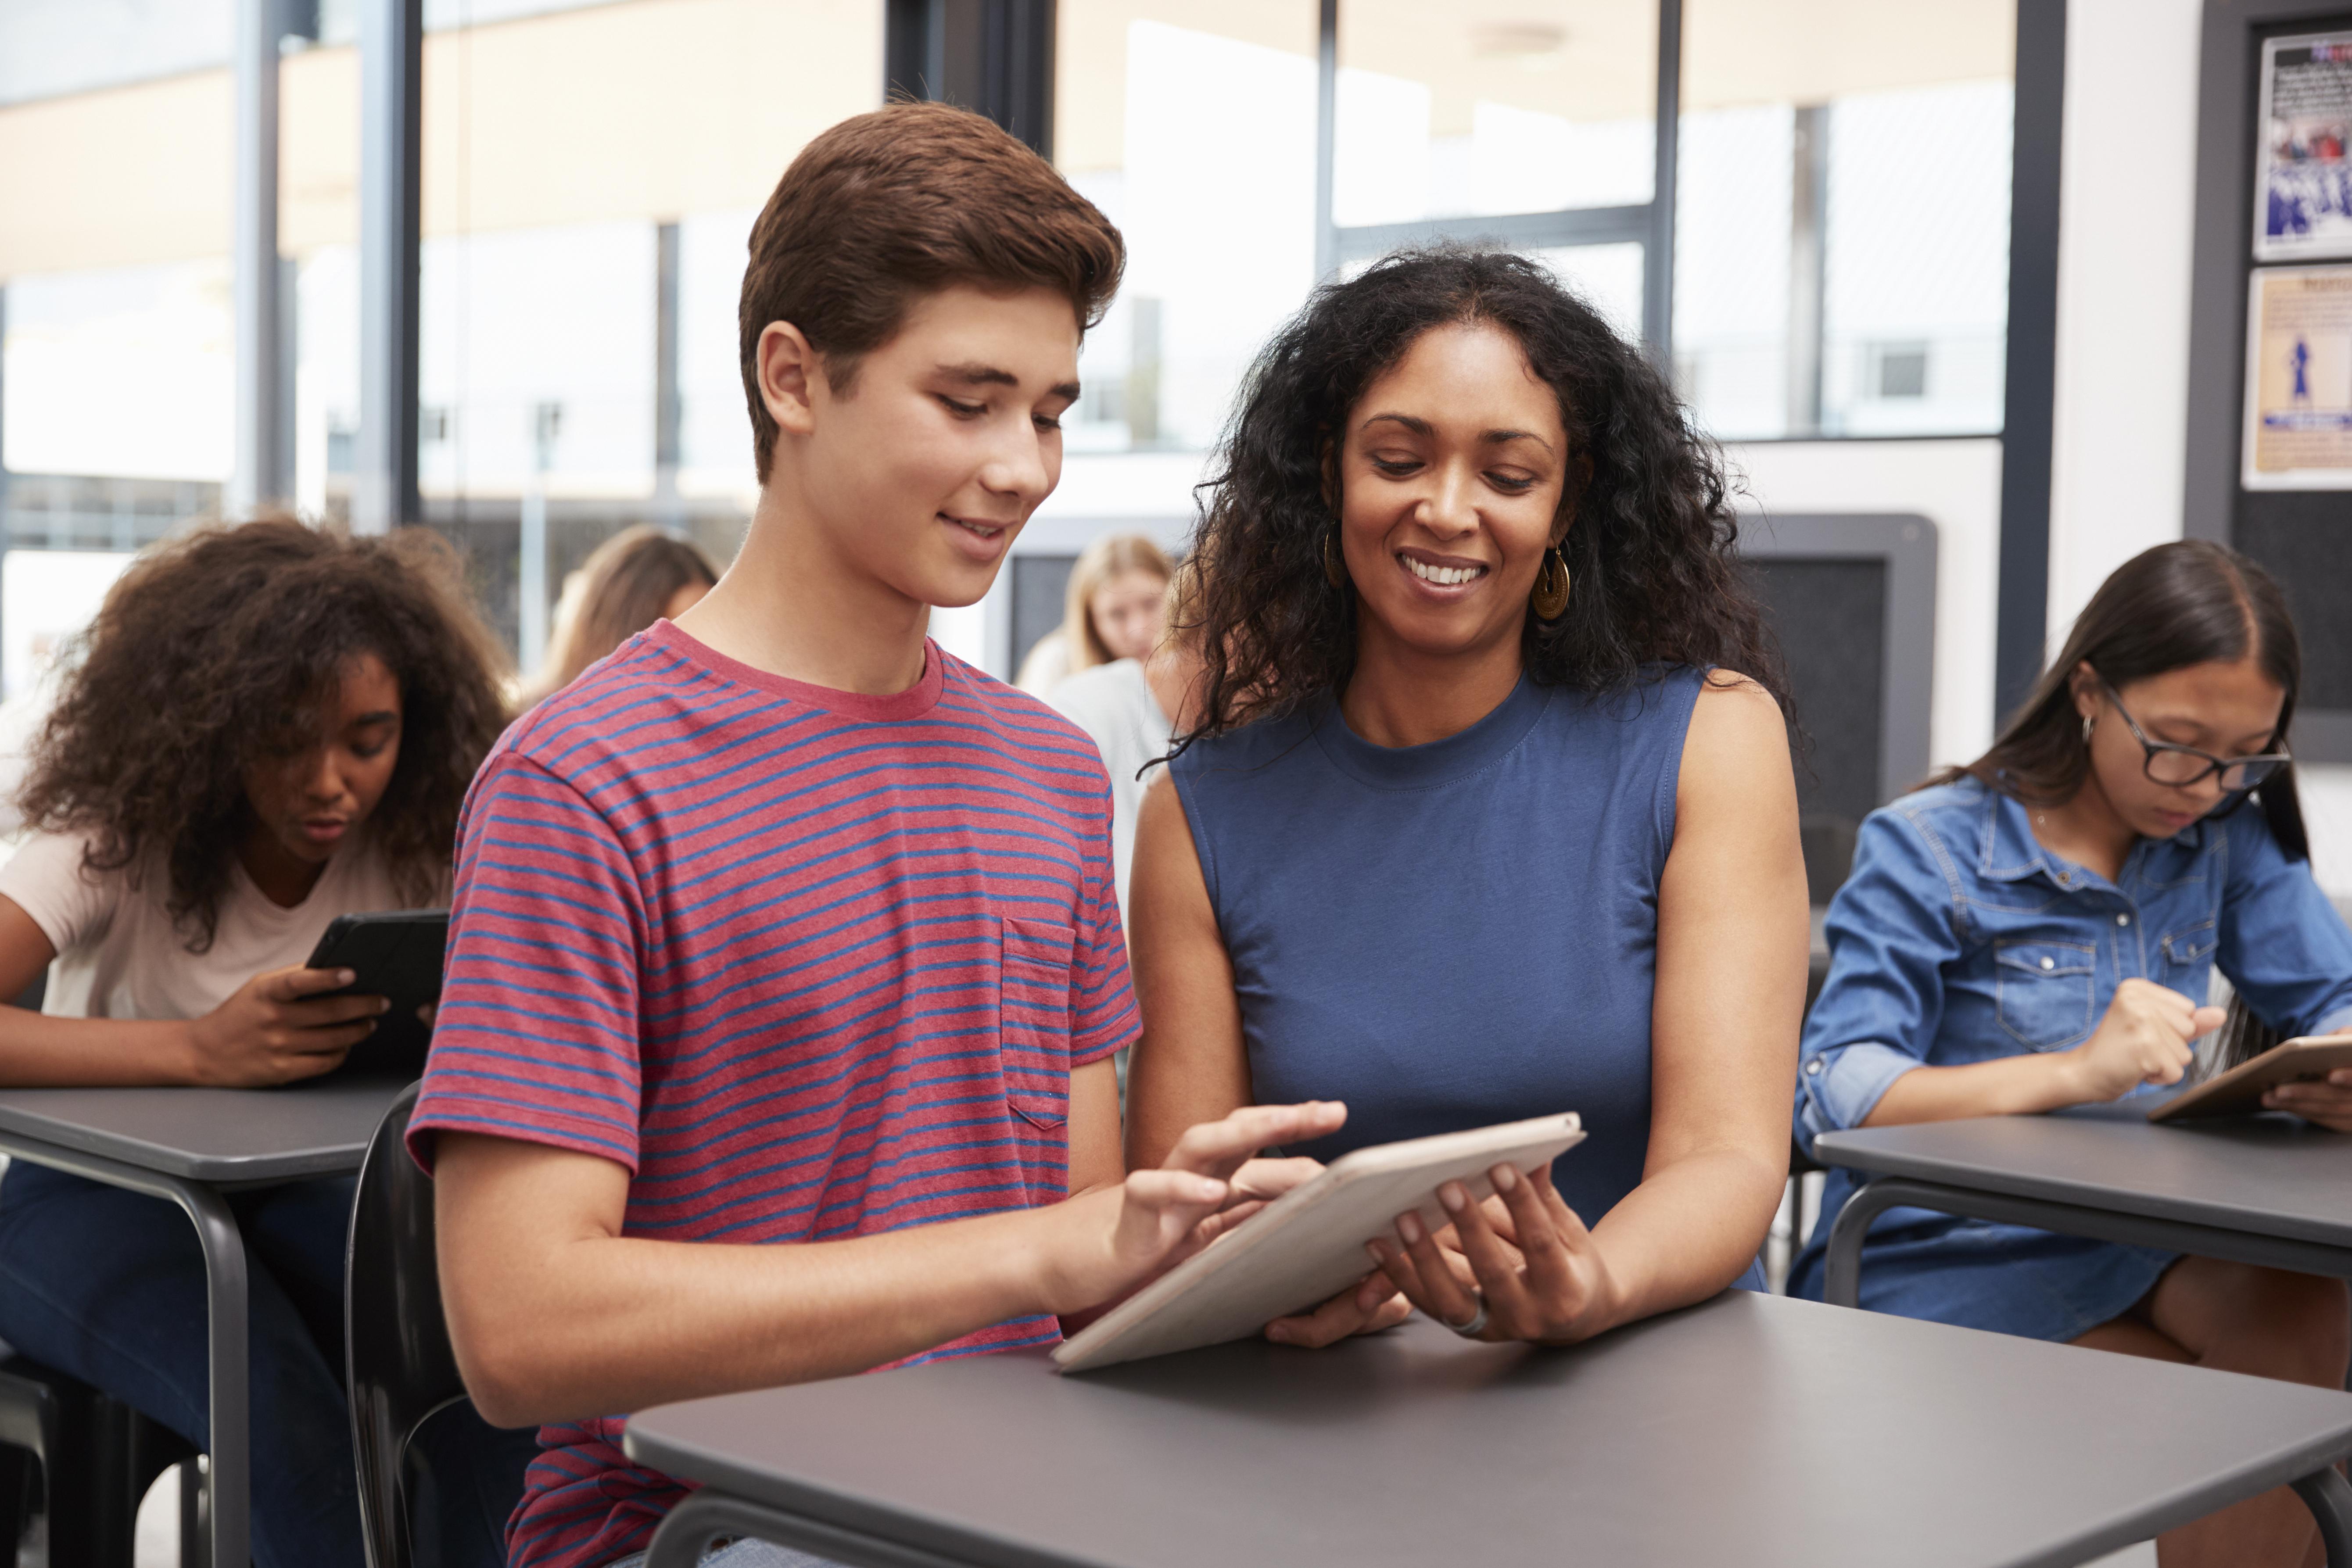 teacher-helping-teenage-schoolboy-with-tablet-P4AHJER.jpg